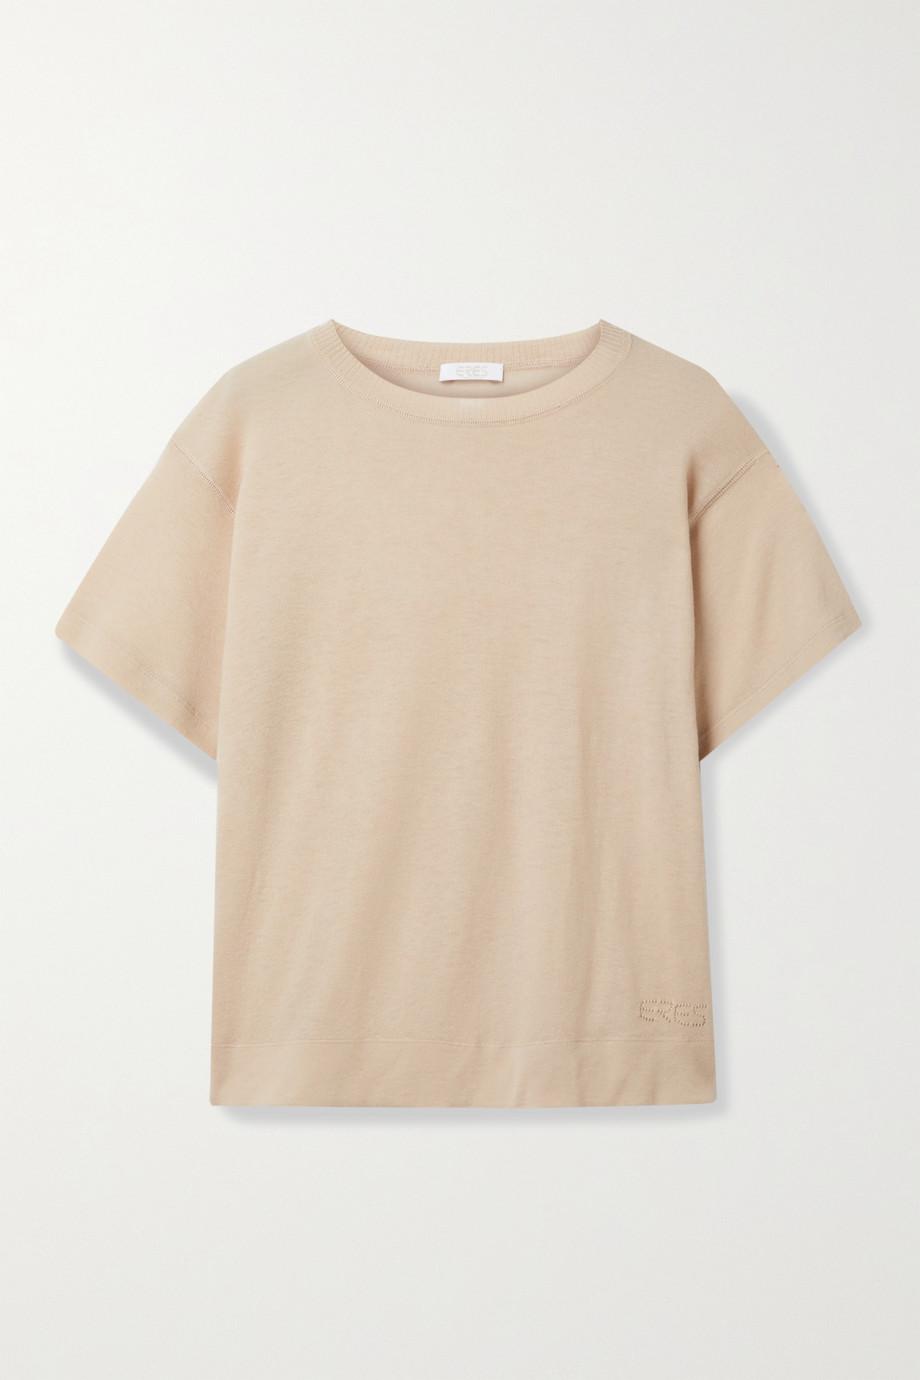 Eres Suite cashmere T-shirt